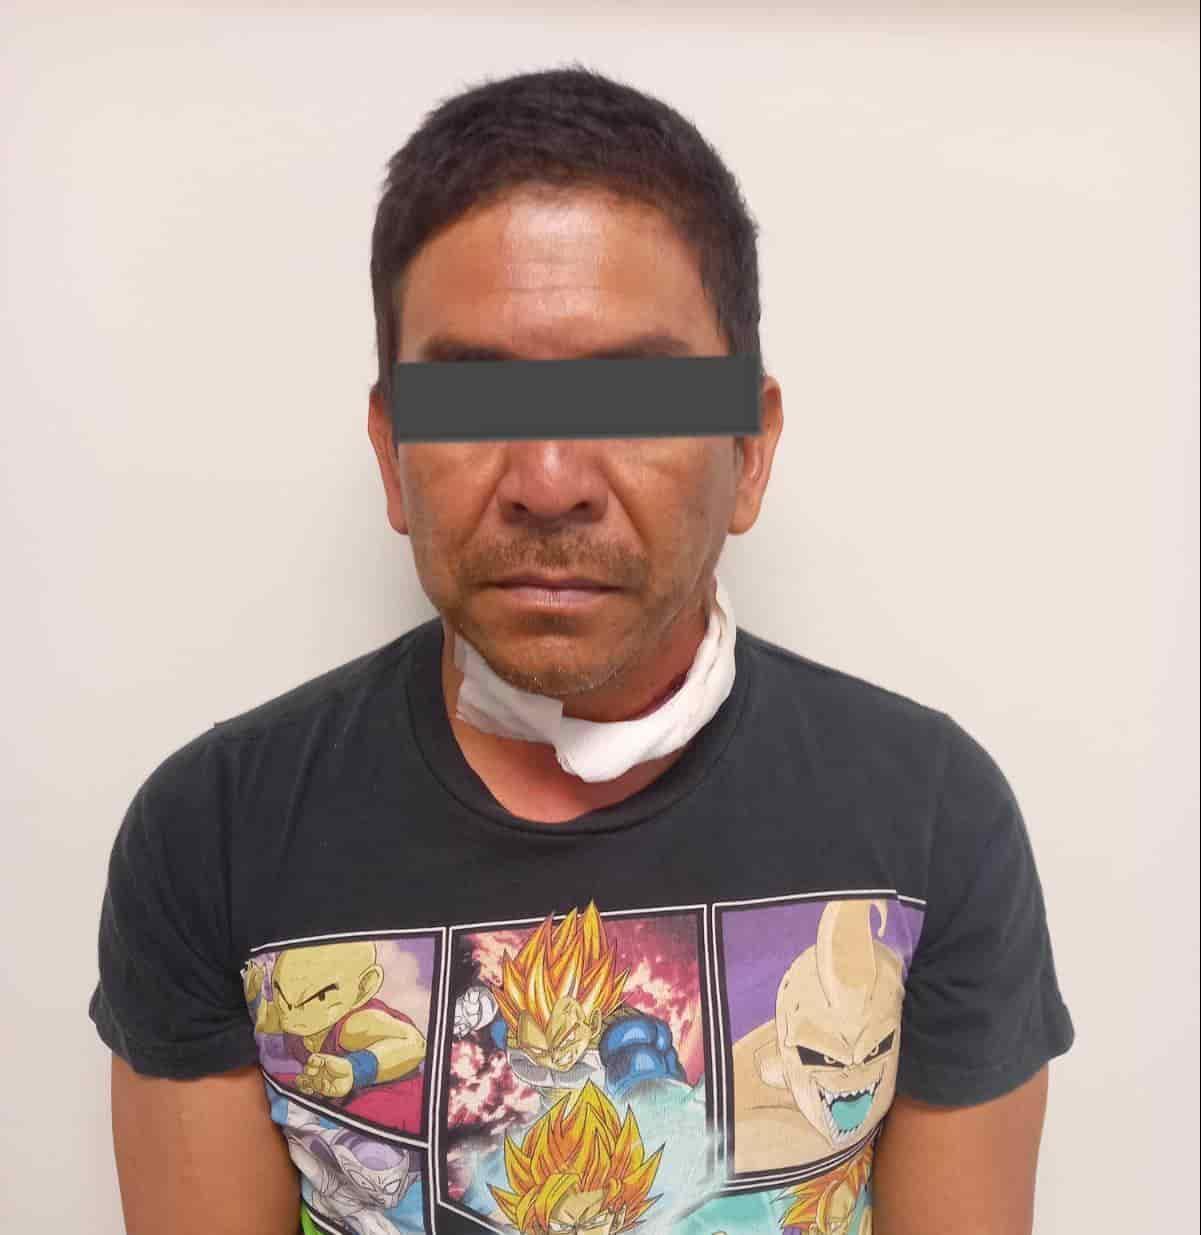 Arrestan al presunto responsable de un feminicidio registrado la tarde del lunes pasado